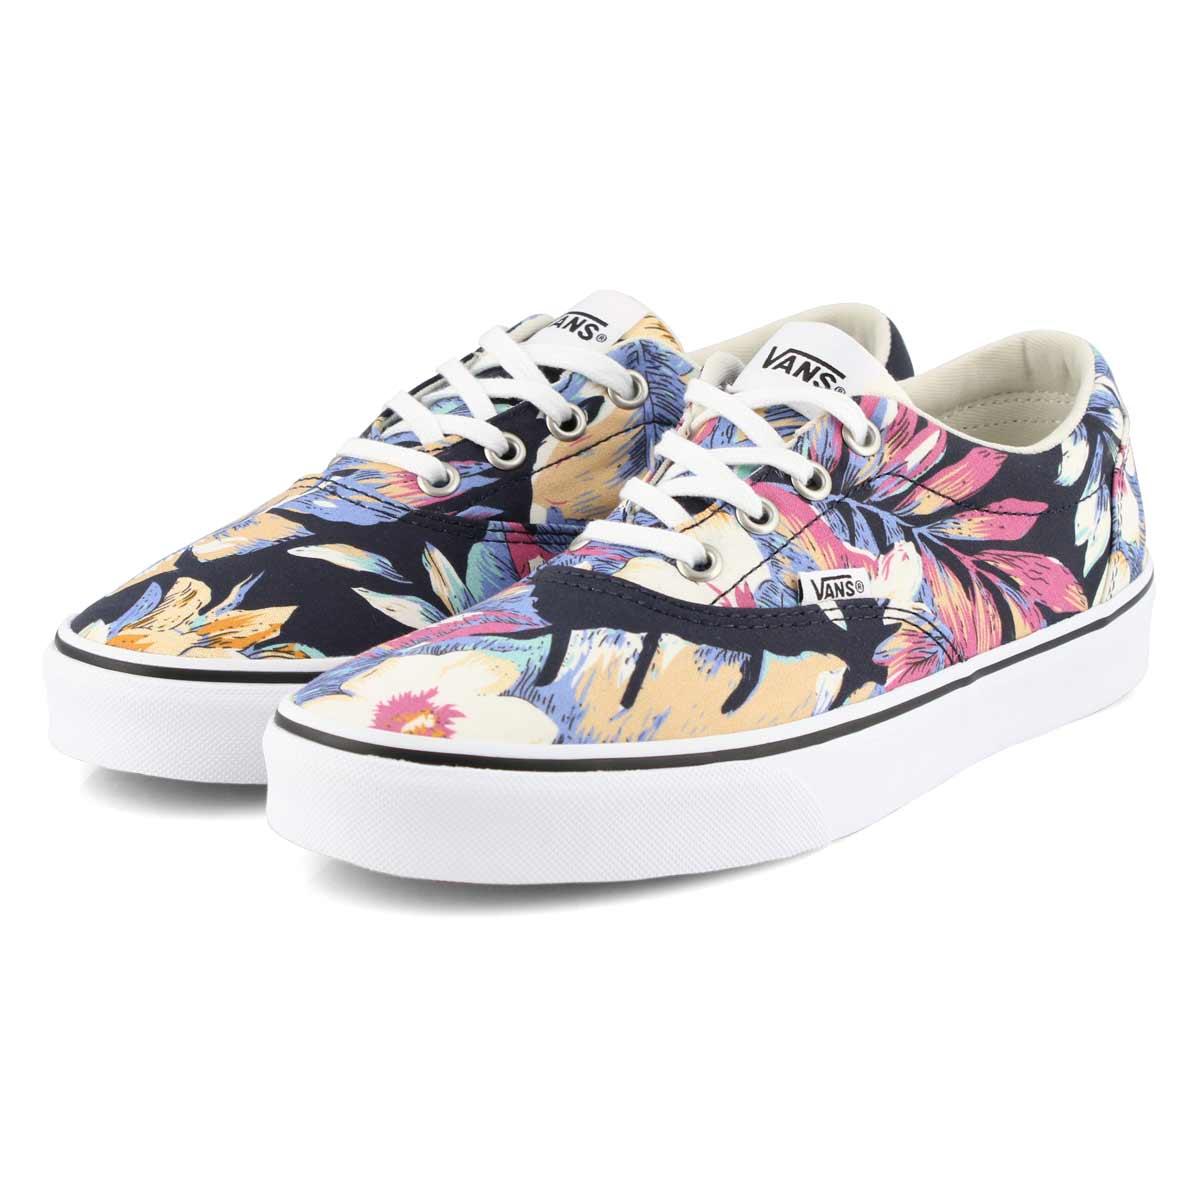 Women's Doheny Sneaker - Palm Leaves Multi